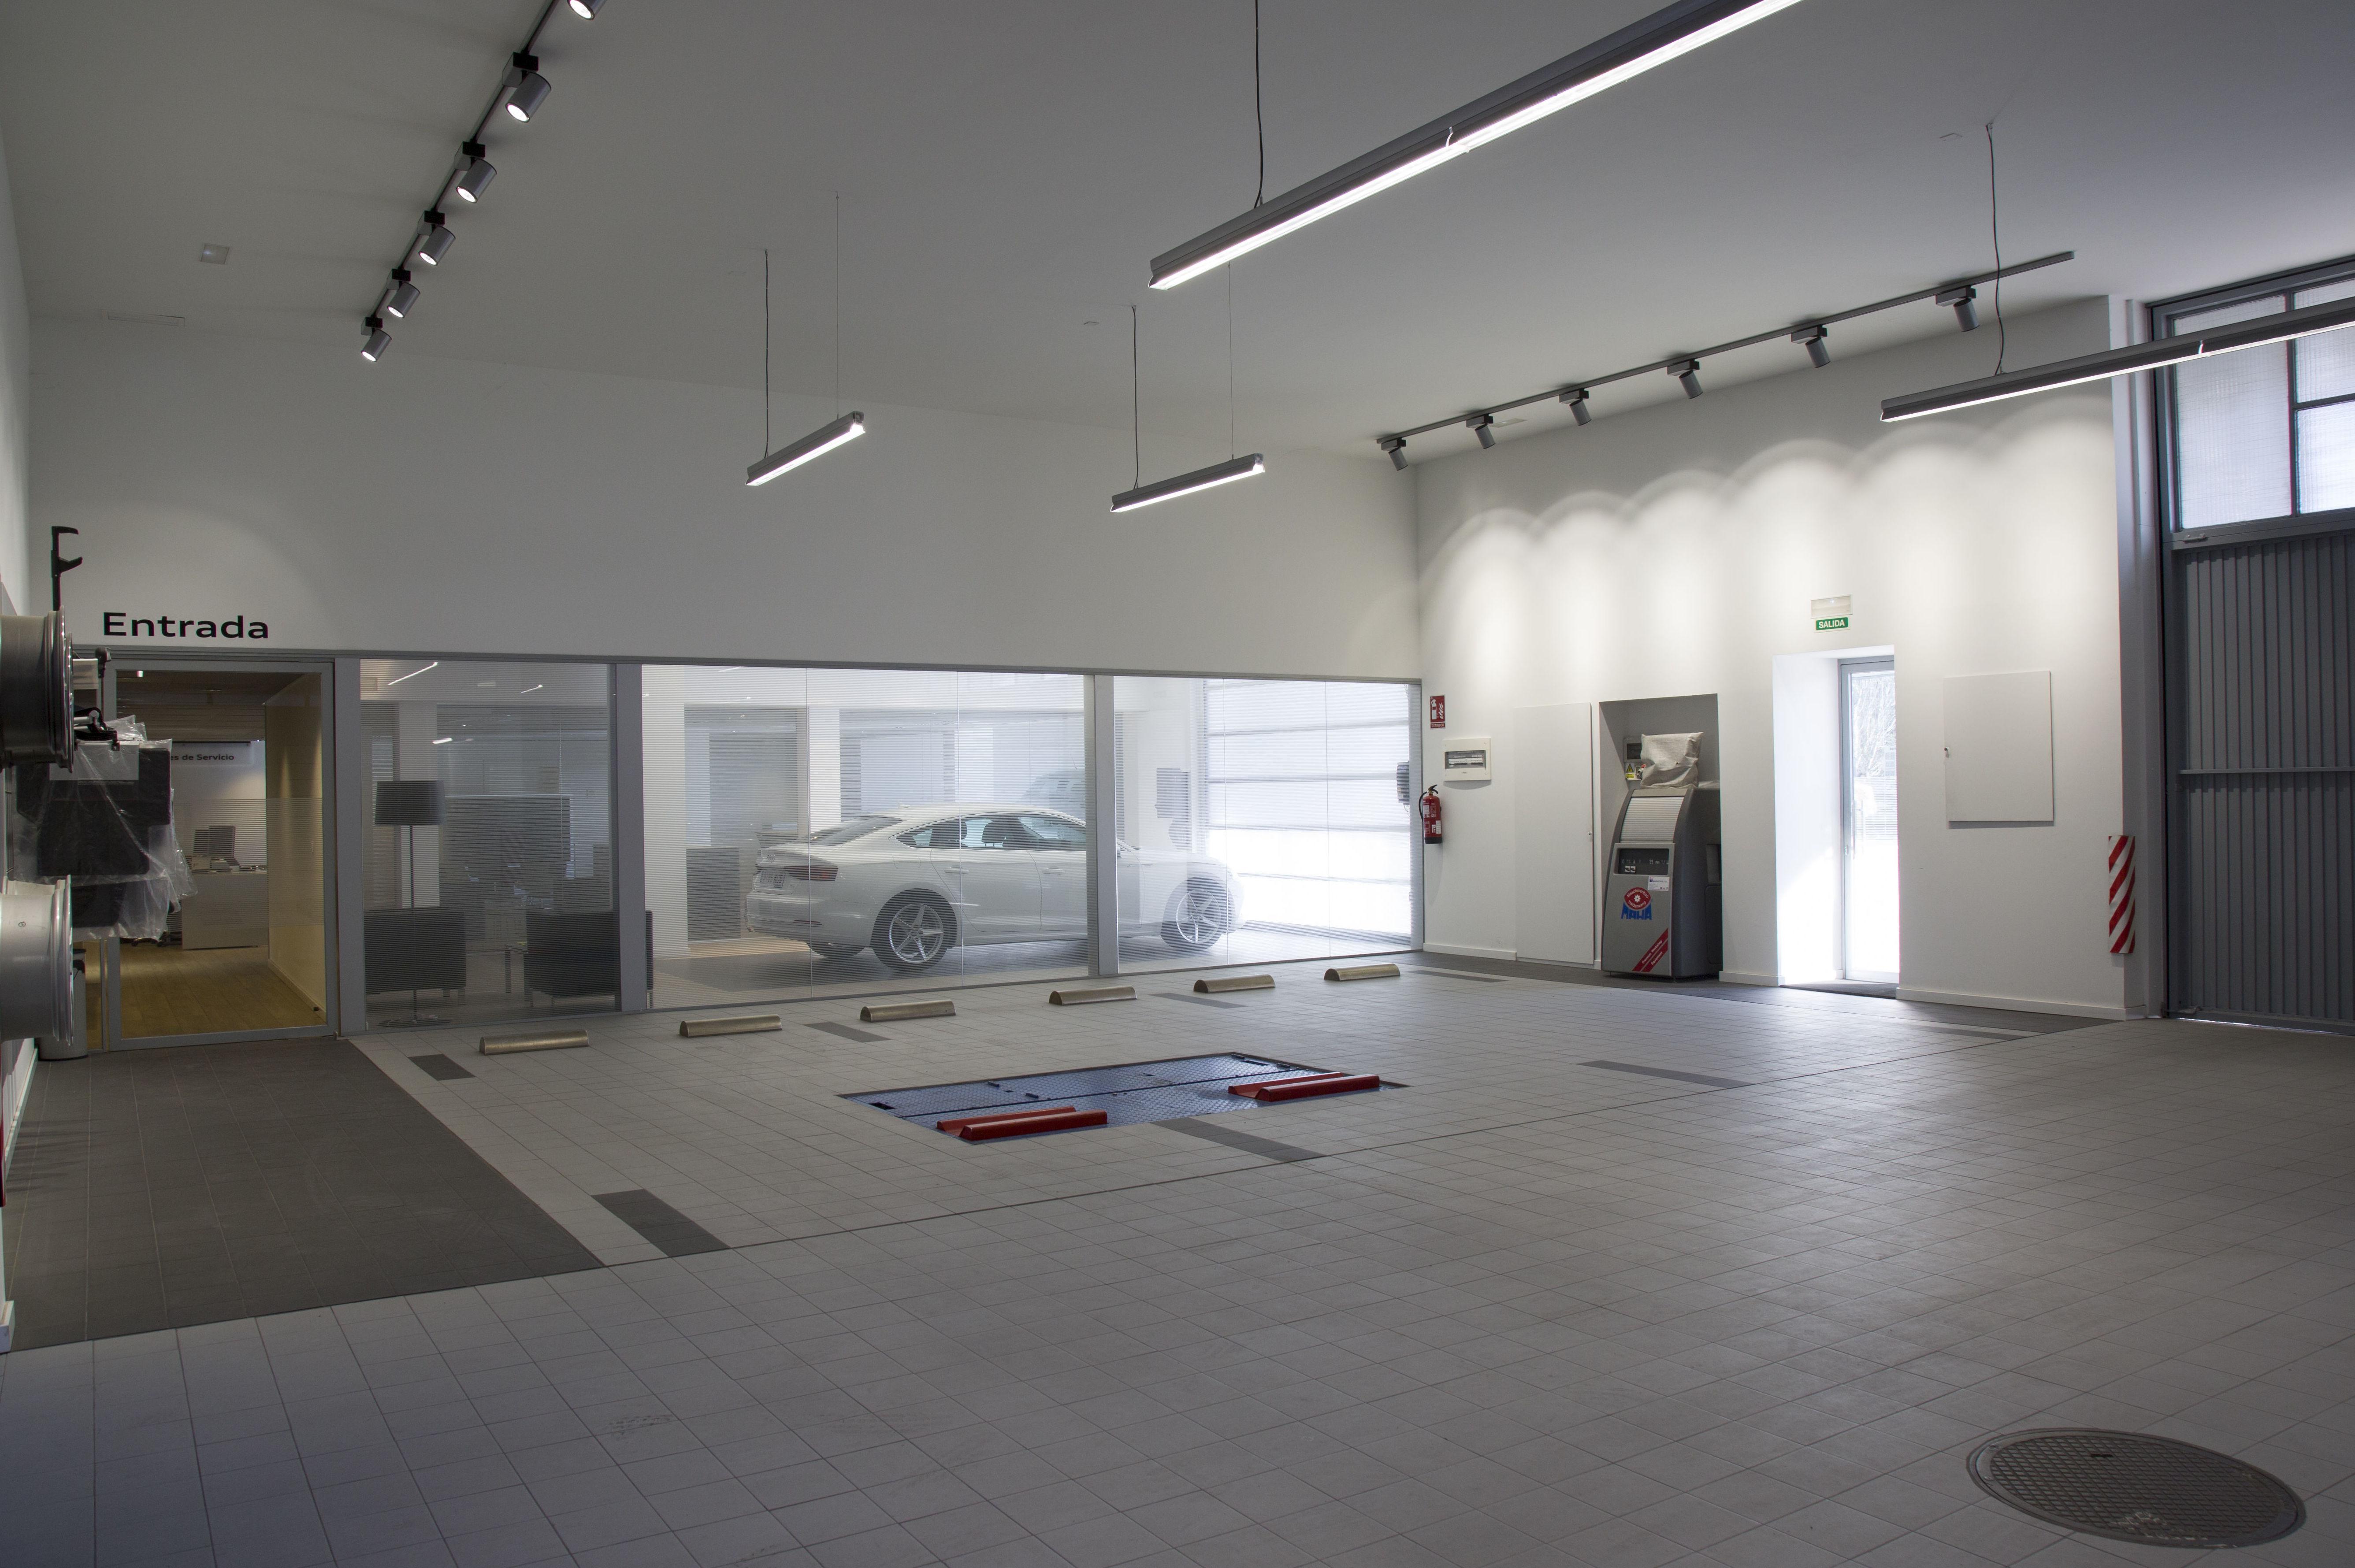 Foto 4 de Concecionario de coches con más de 30 años de experiencia en Soria | Soria Motor